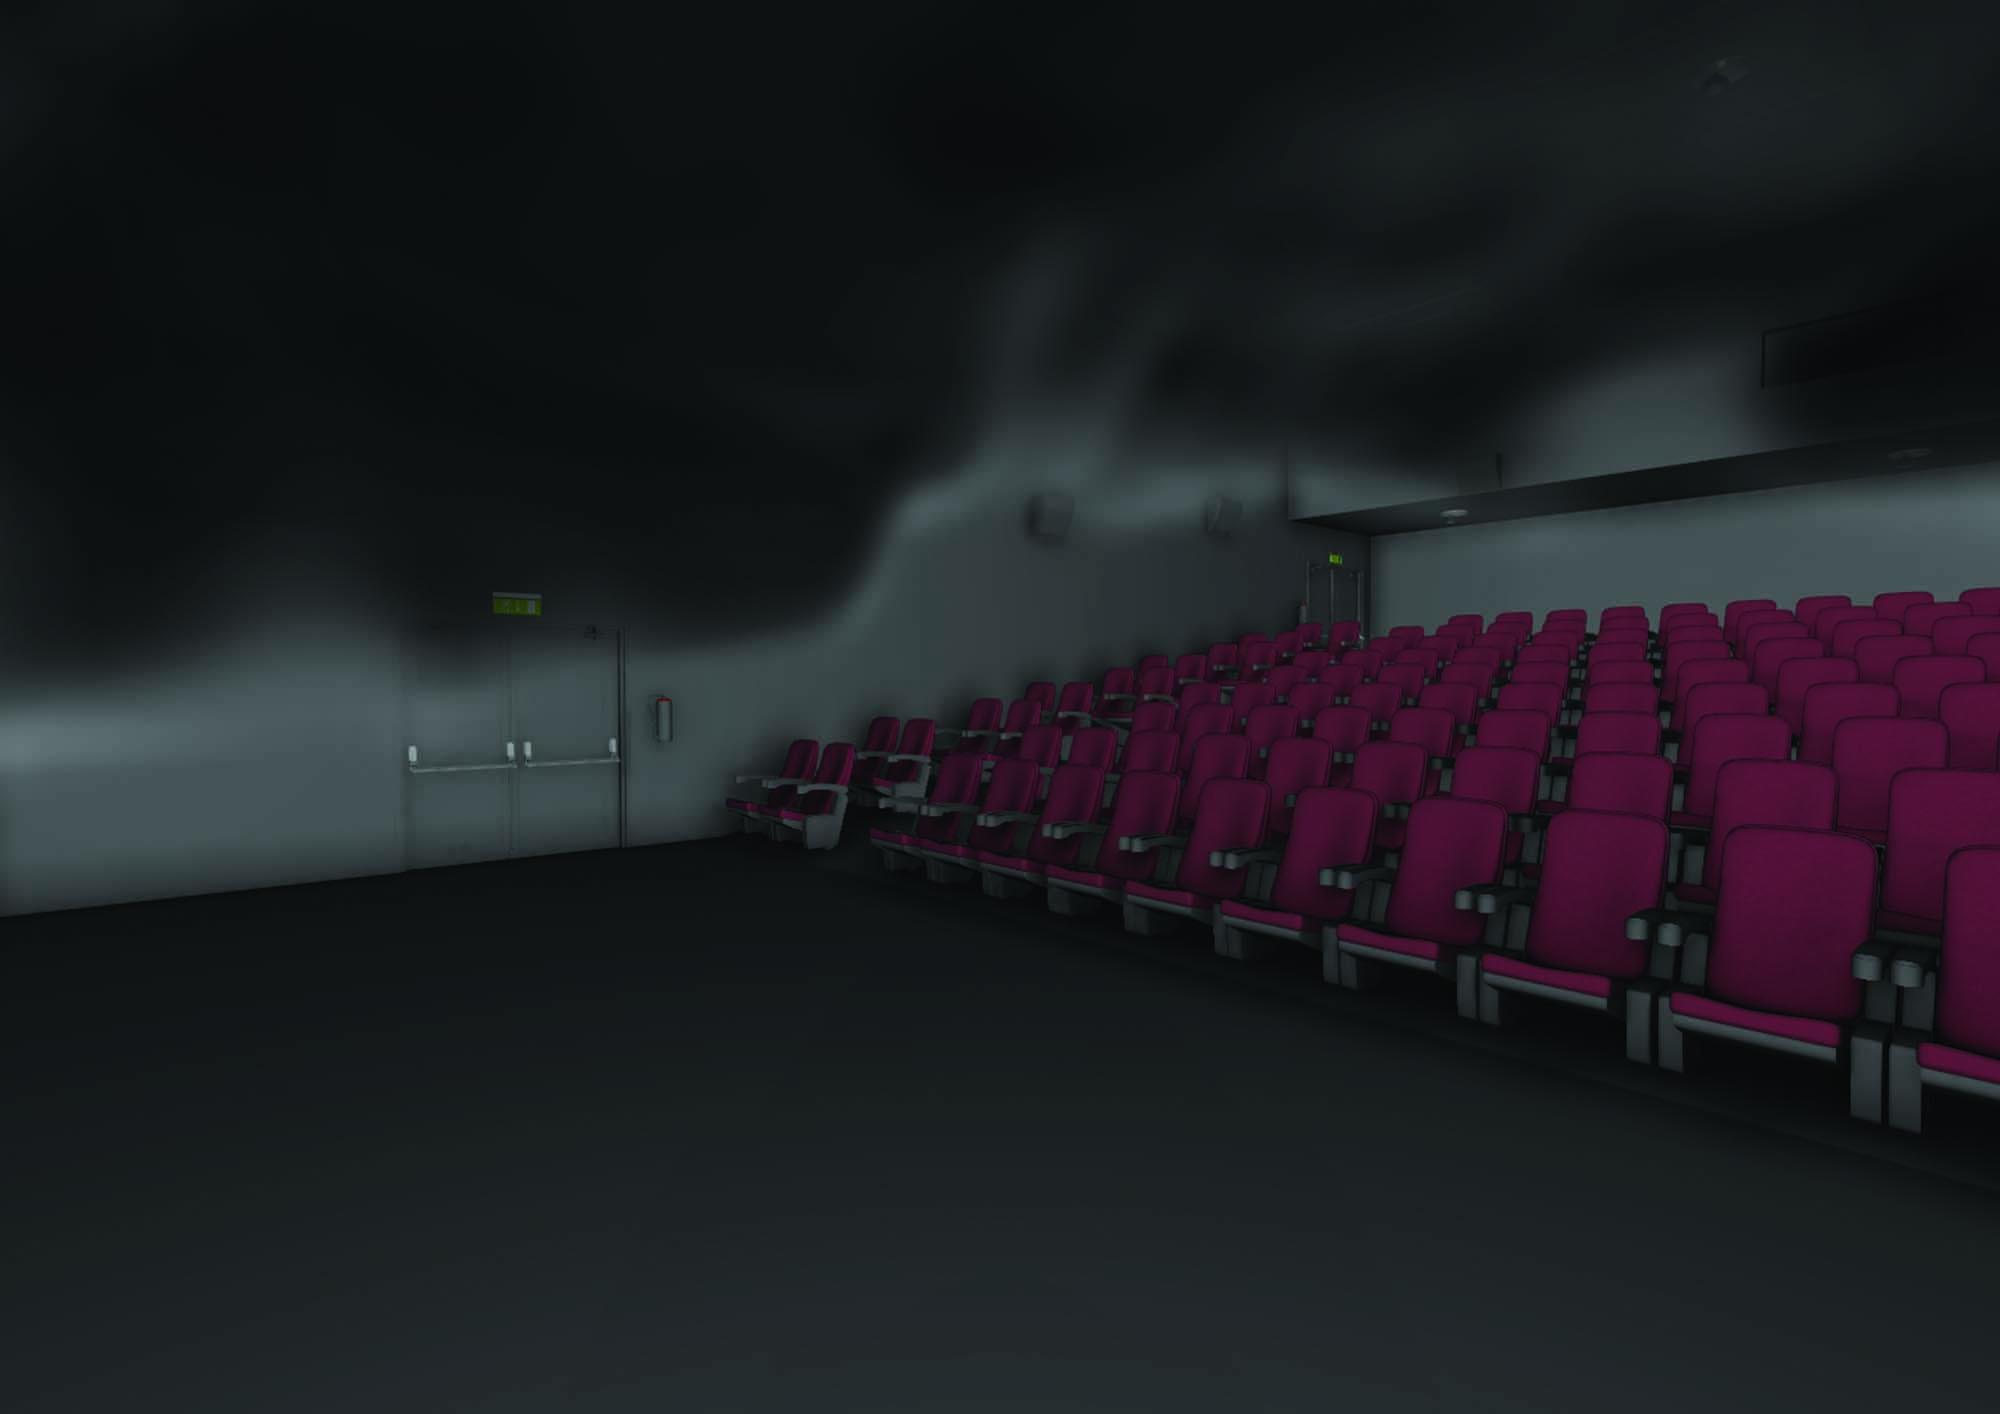 ingegneria antincendio pubblico spettacolo